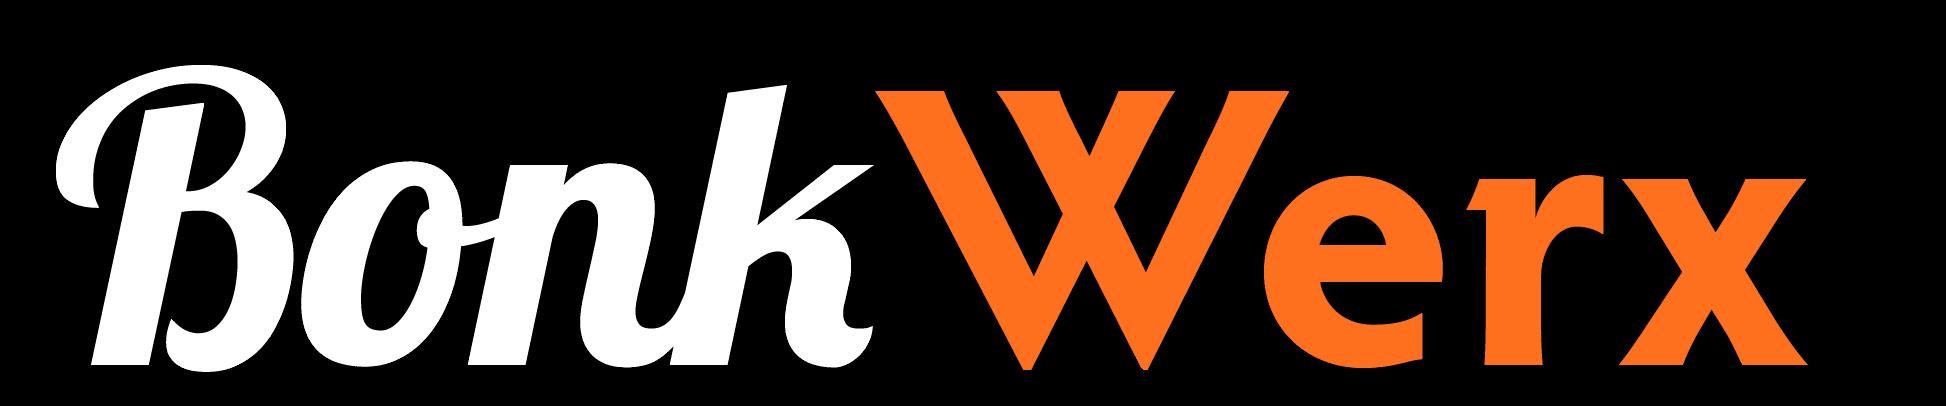 BonkWerx Endurance Sports Coaching and Pro Bike Fitting Logo